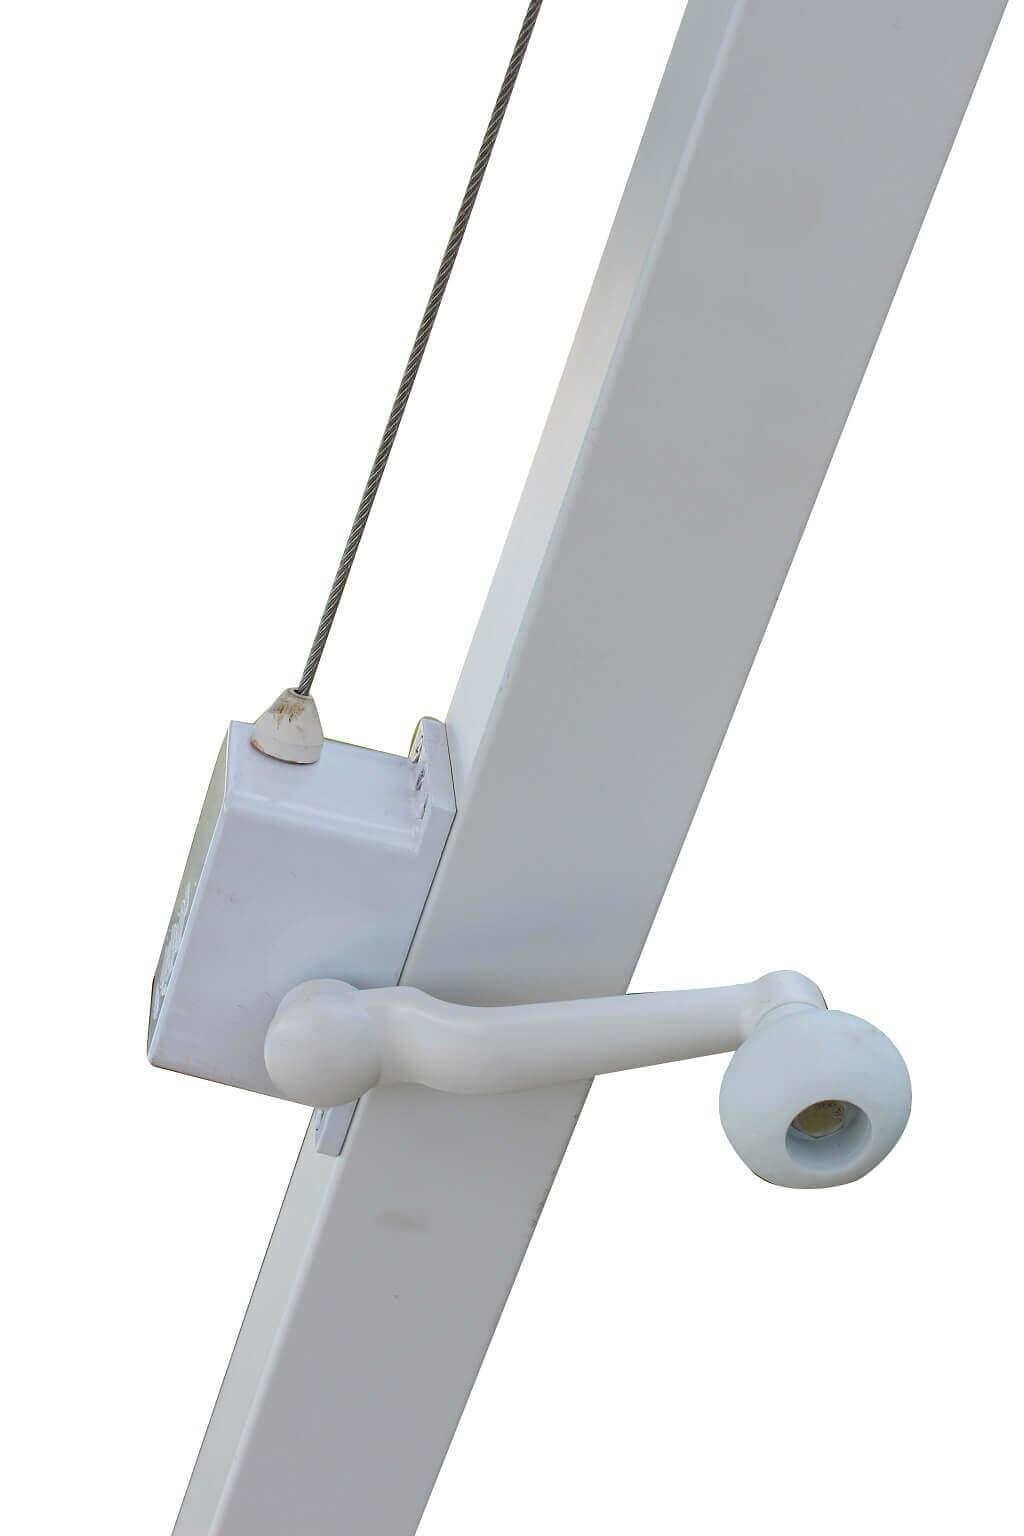 Milani Home THEMA - ombrellone da giardino 3 x 4 decentrato in alluminio